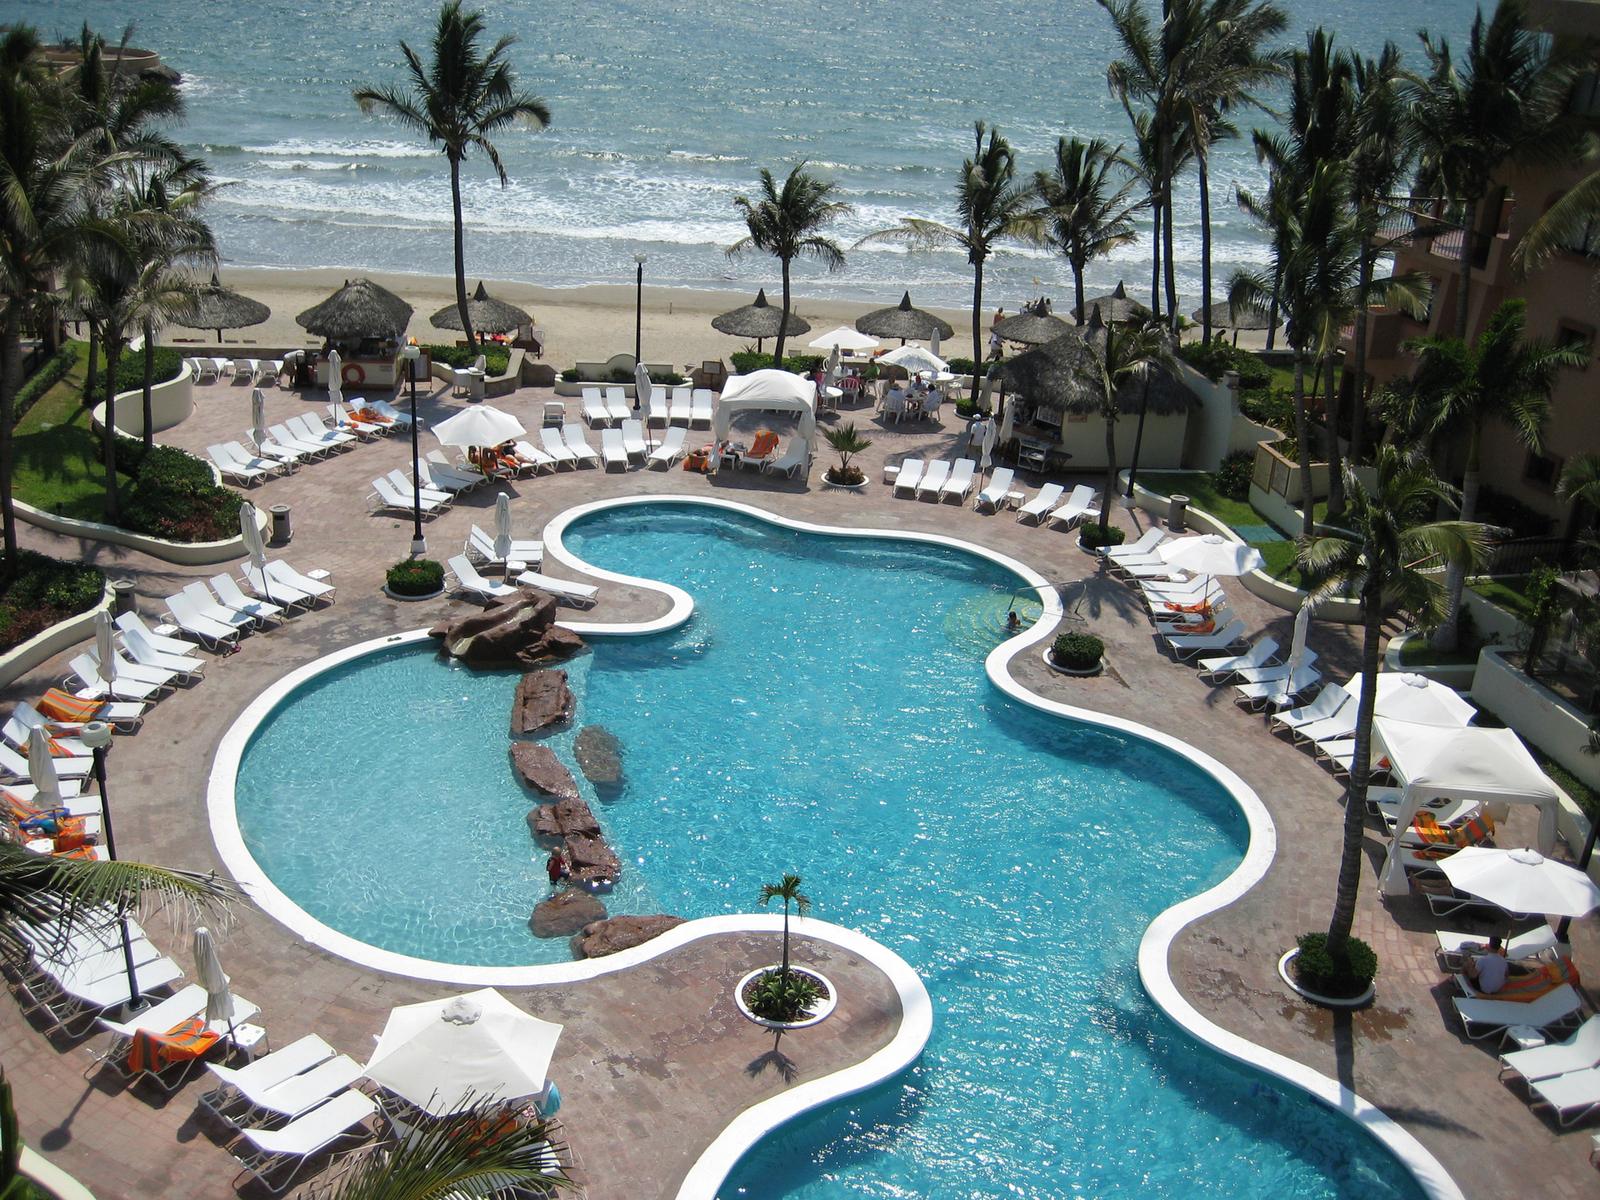 mazatlan mexico pool